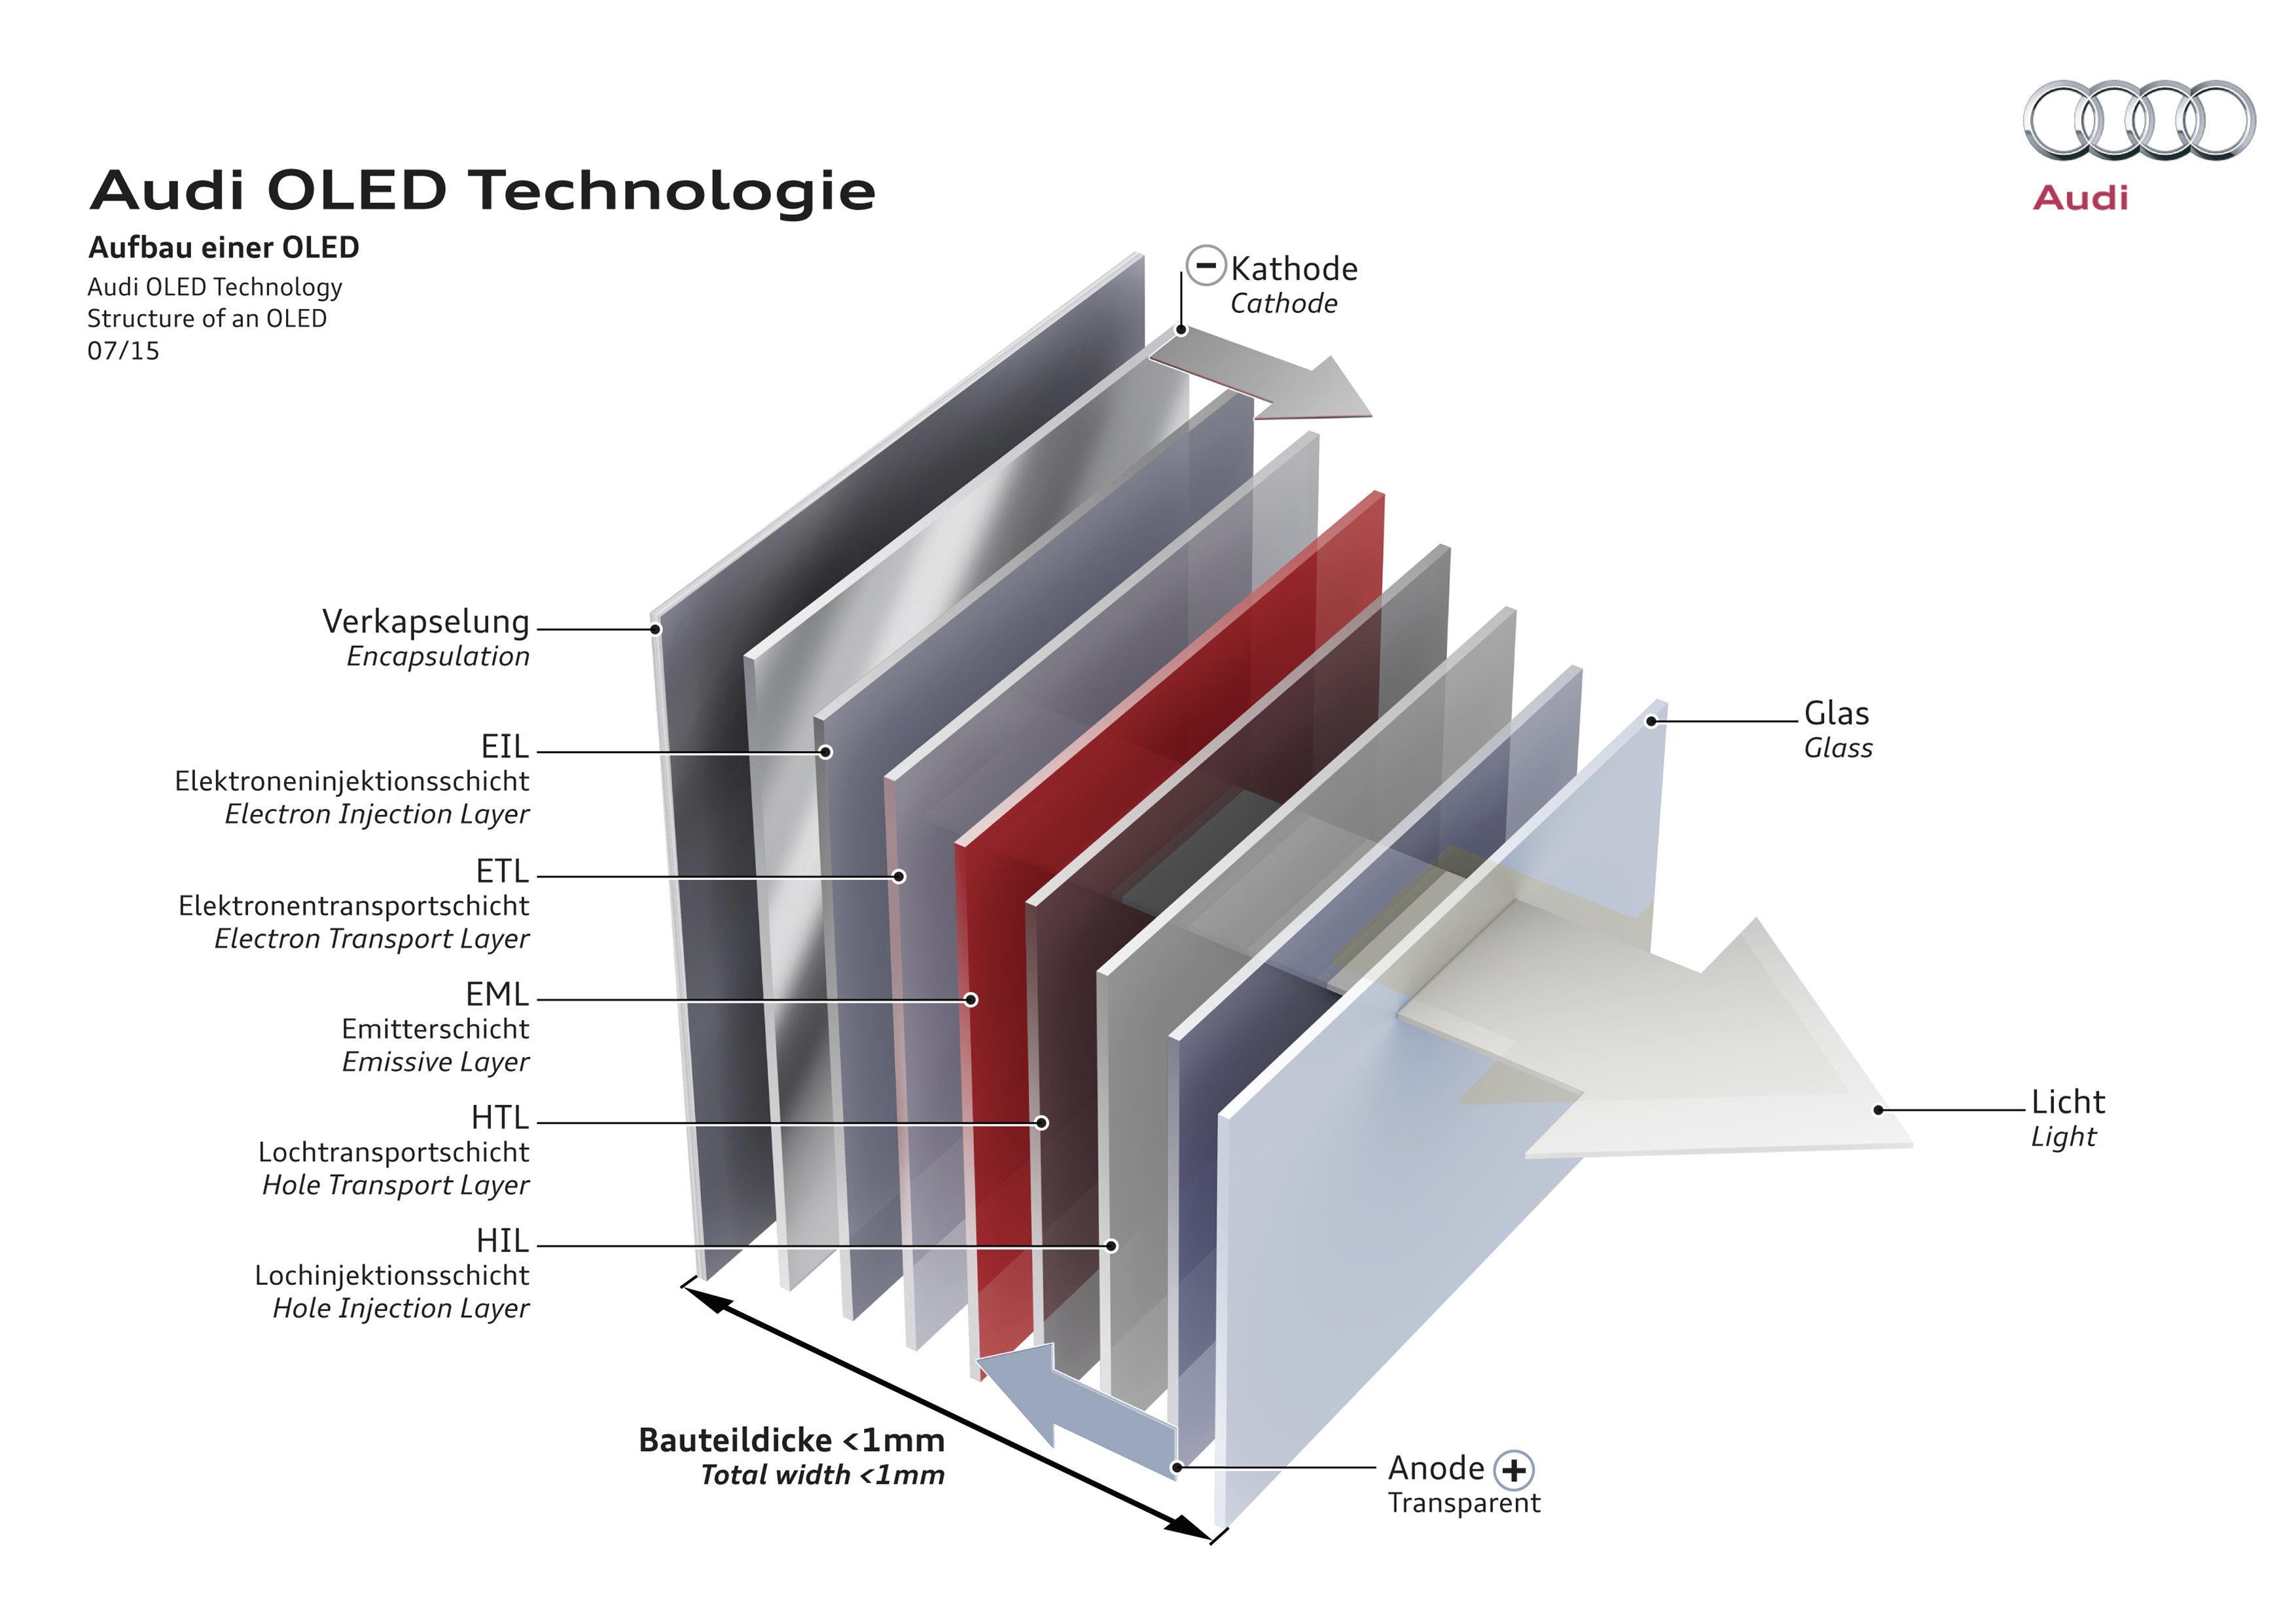 Een OLED bestaat uit vele laagjes, waaronder een organische (rood aangeduid) waarvan de samenstelling de lichtkleur bepaalt. Ervoor en erachter zitten een anode- en kathode laag waarop de stroom komt. Het geheel is nog geen millimeter dik.